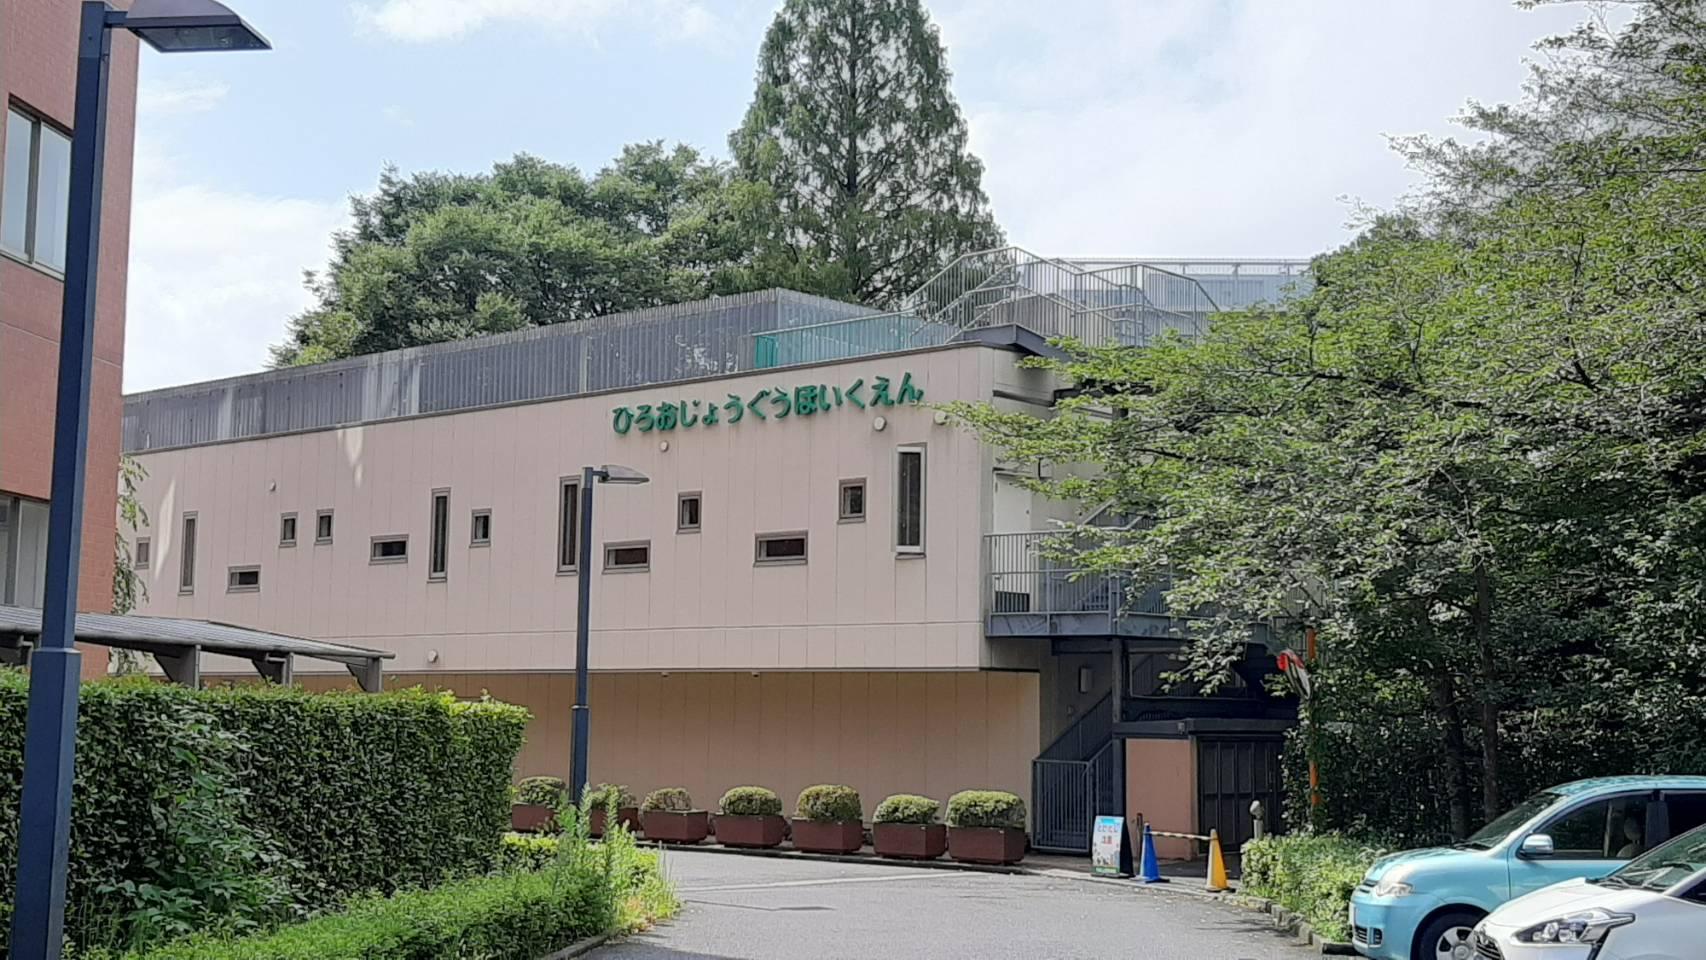 広尾駅から自然の中を10分ほど歩いて到着します。病院の敷地内にあるため、安全な環境でもあり、近隣への騒音なども気にせず保育ができます。